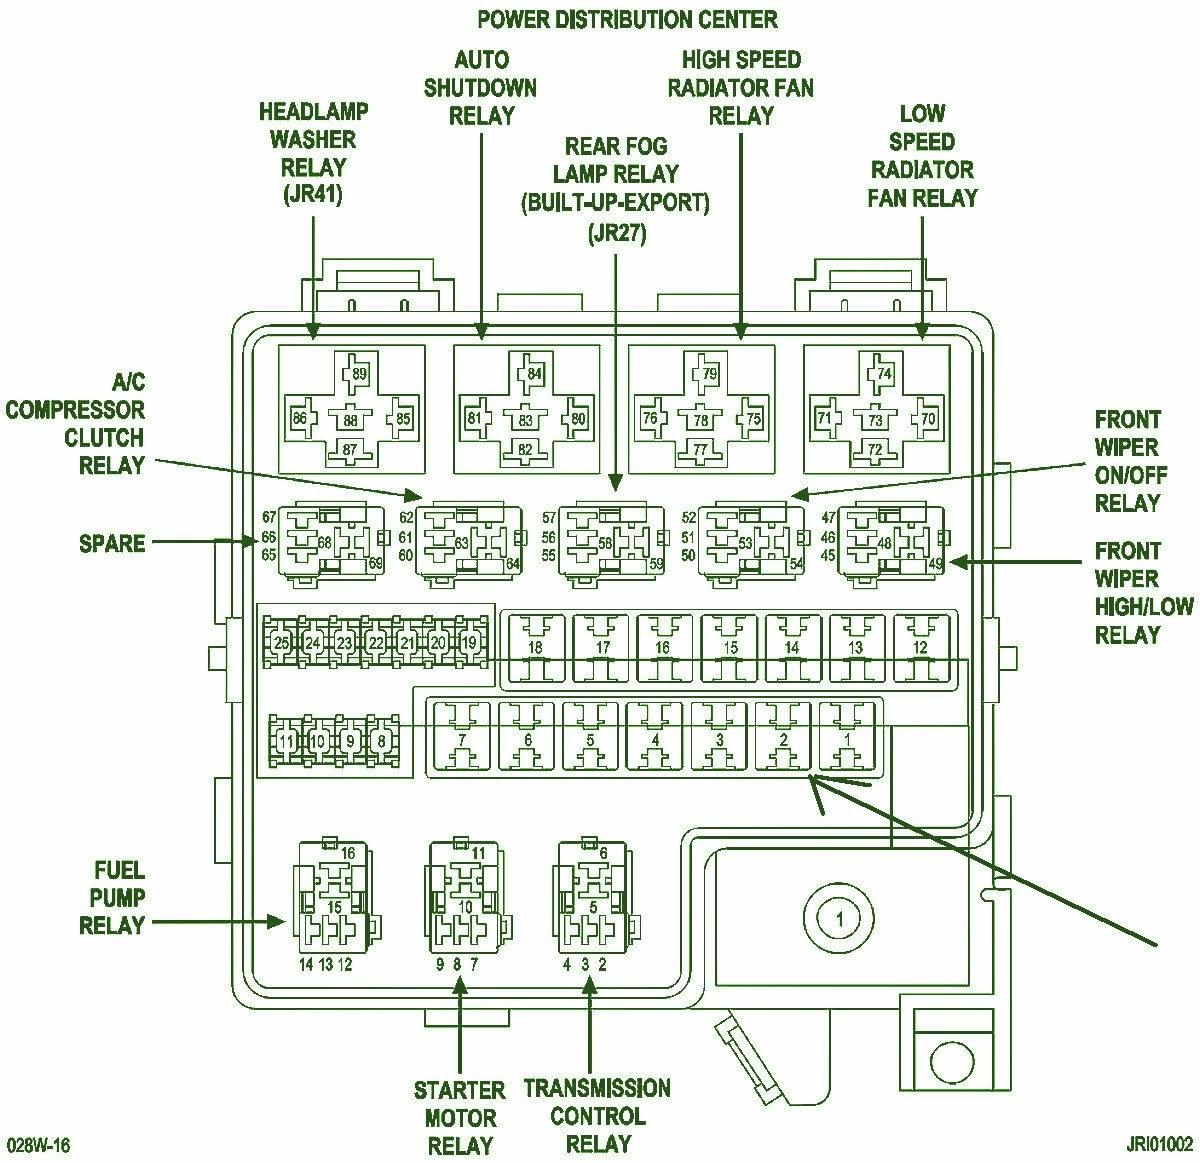 Fine Fuse Box In Chrysler Sebring Wiring Diagram Wiring Cloud Hemtegremohammedshrineorg